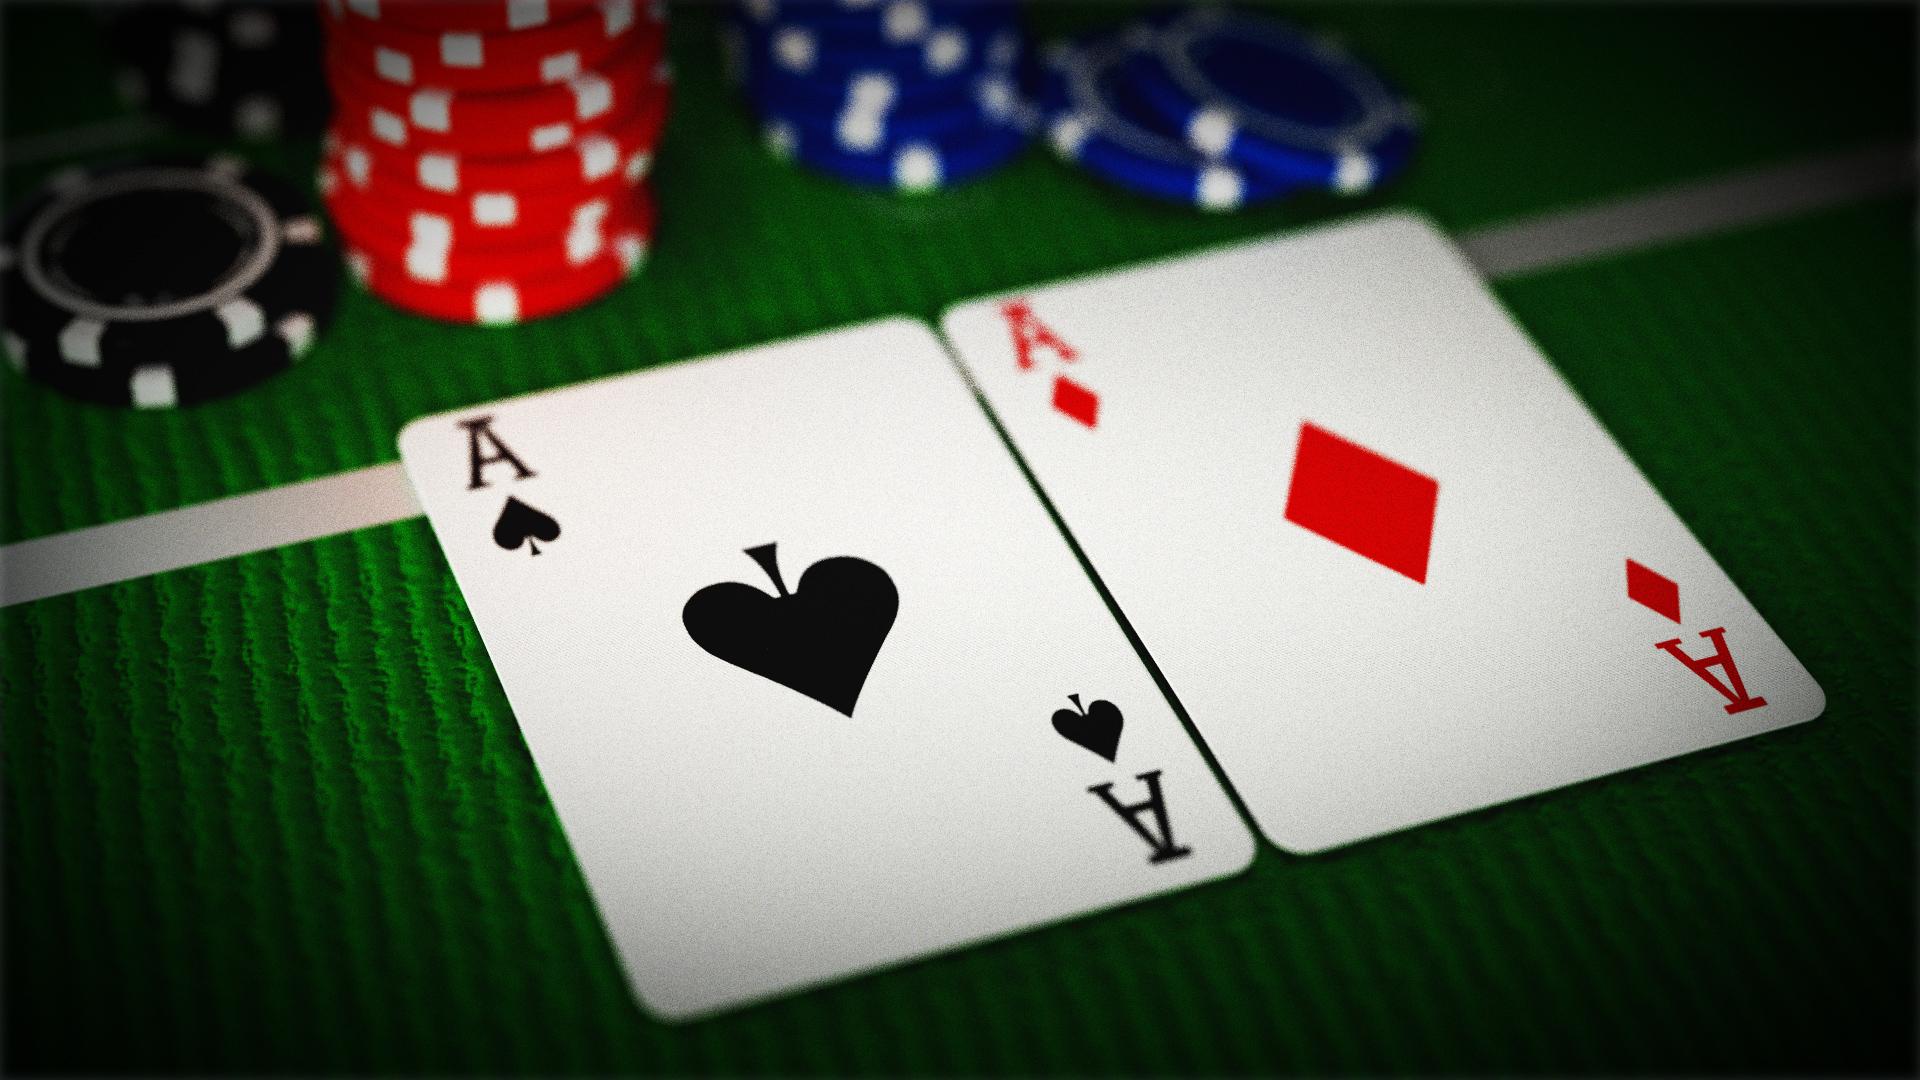 Онлайн русское казино играть бесплатно и без регистрации